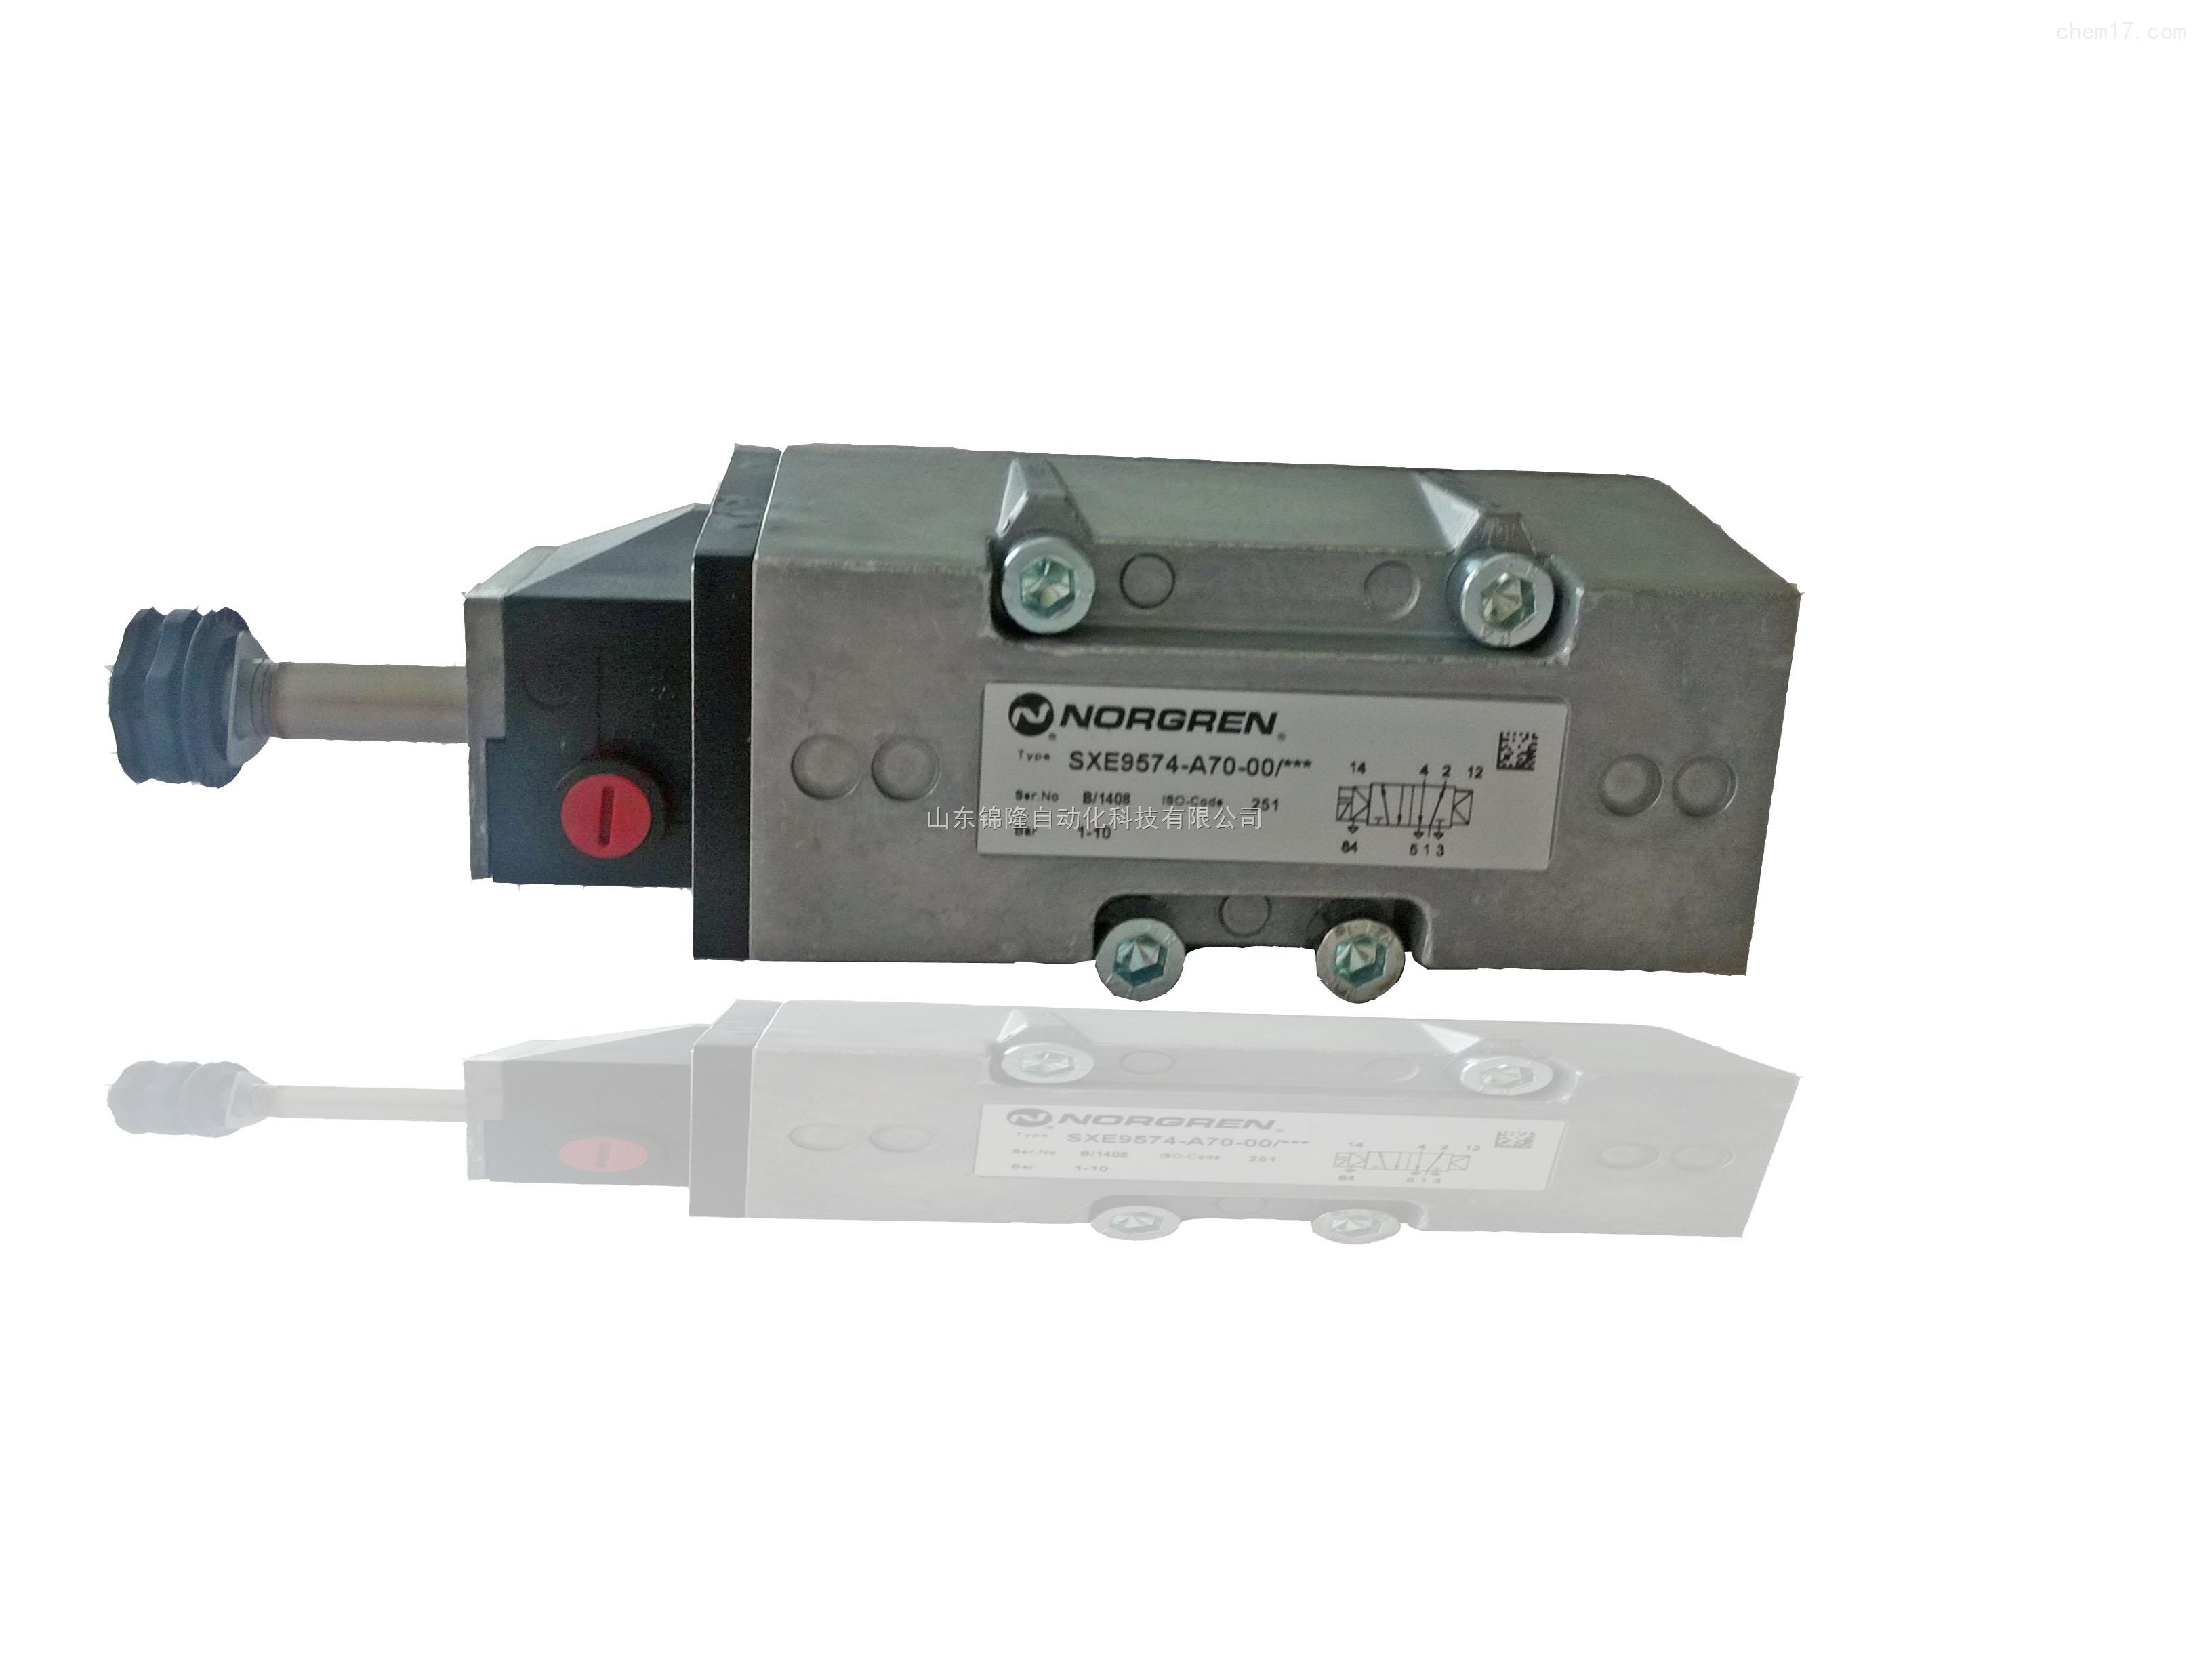 SXE9574-A70-00诺冠底板电磁阀SXE9574-A70-00